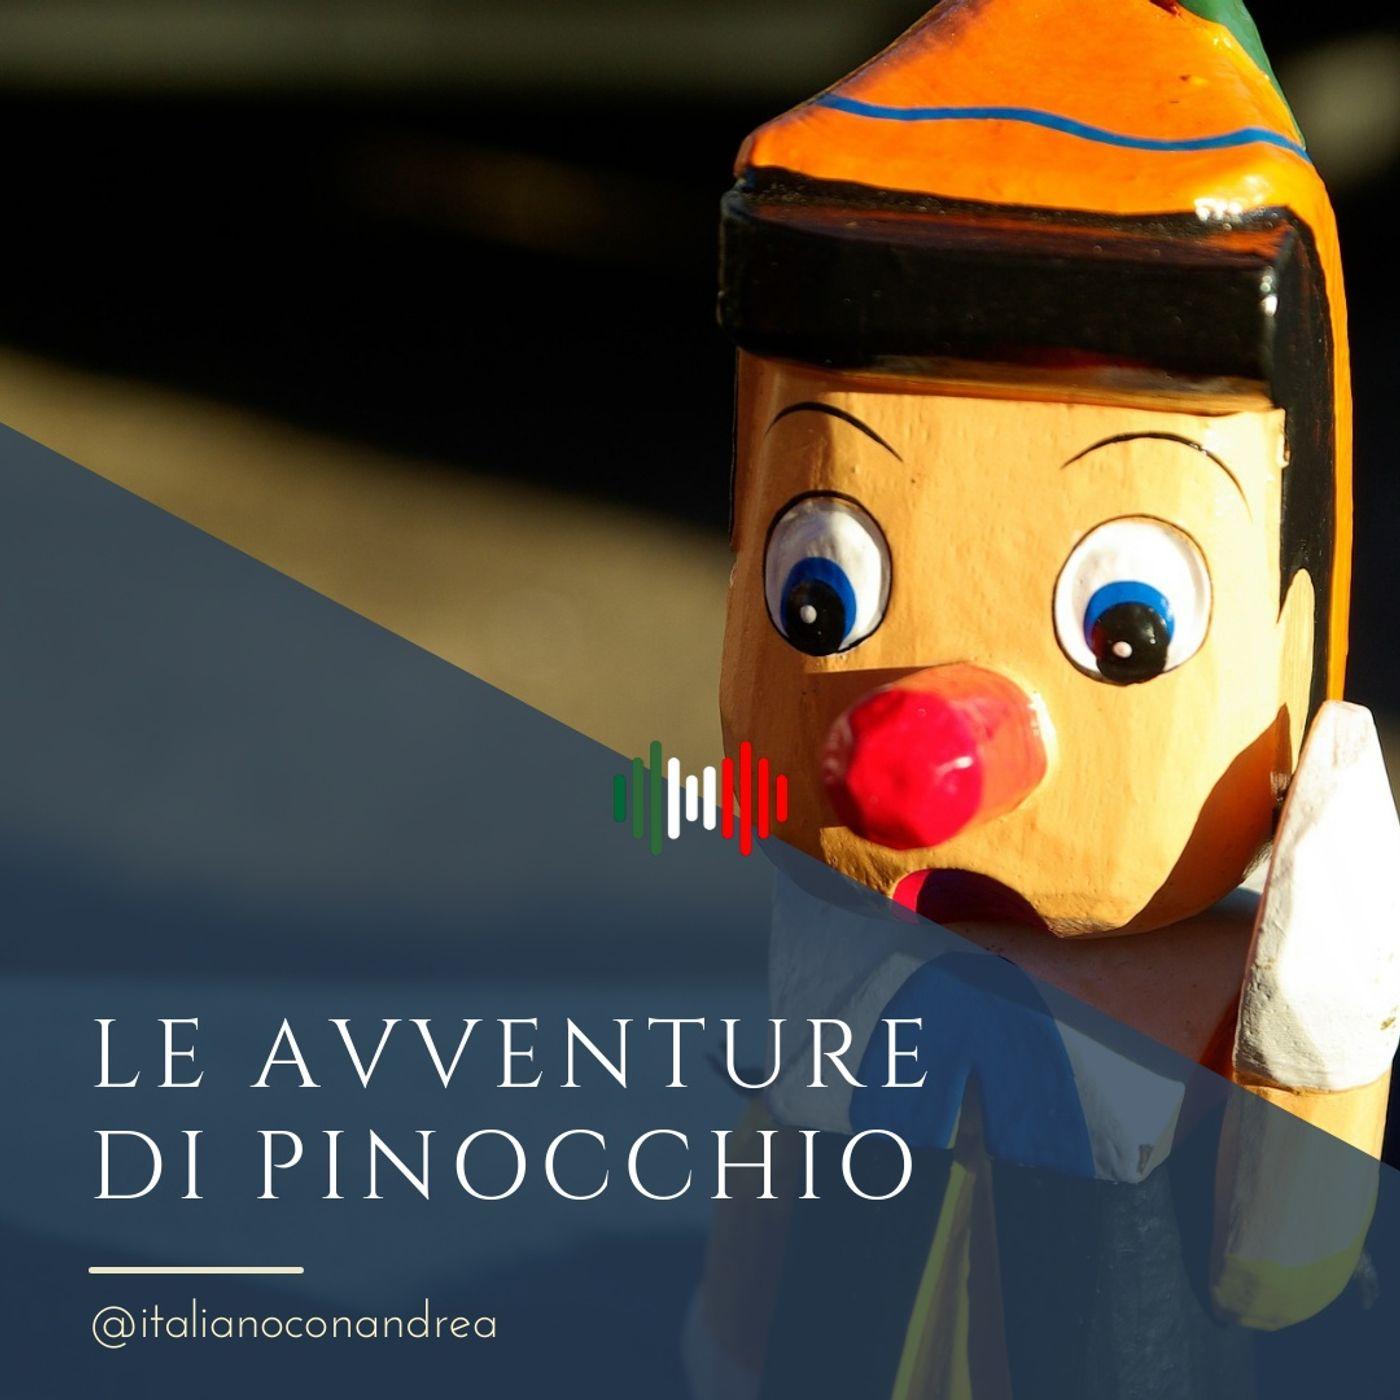 294. CULTURA: Pinocchio